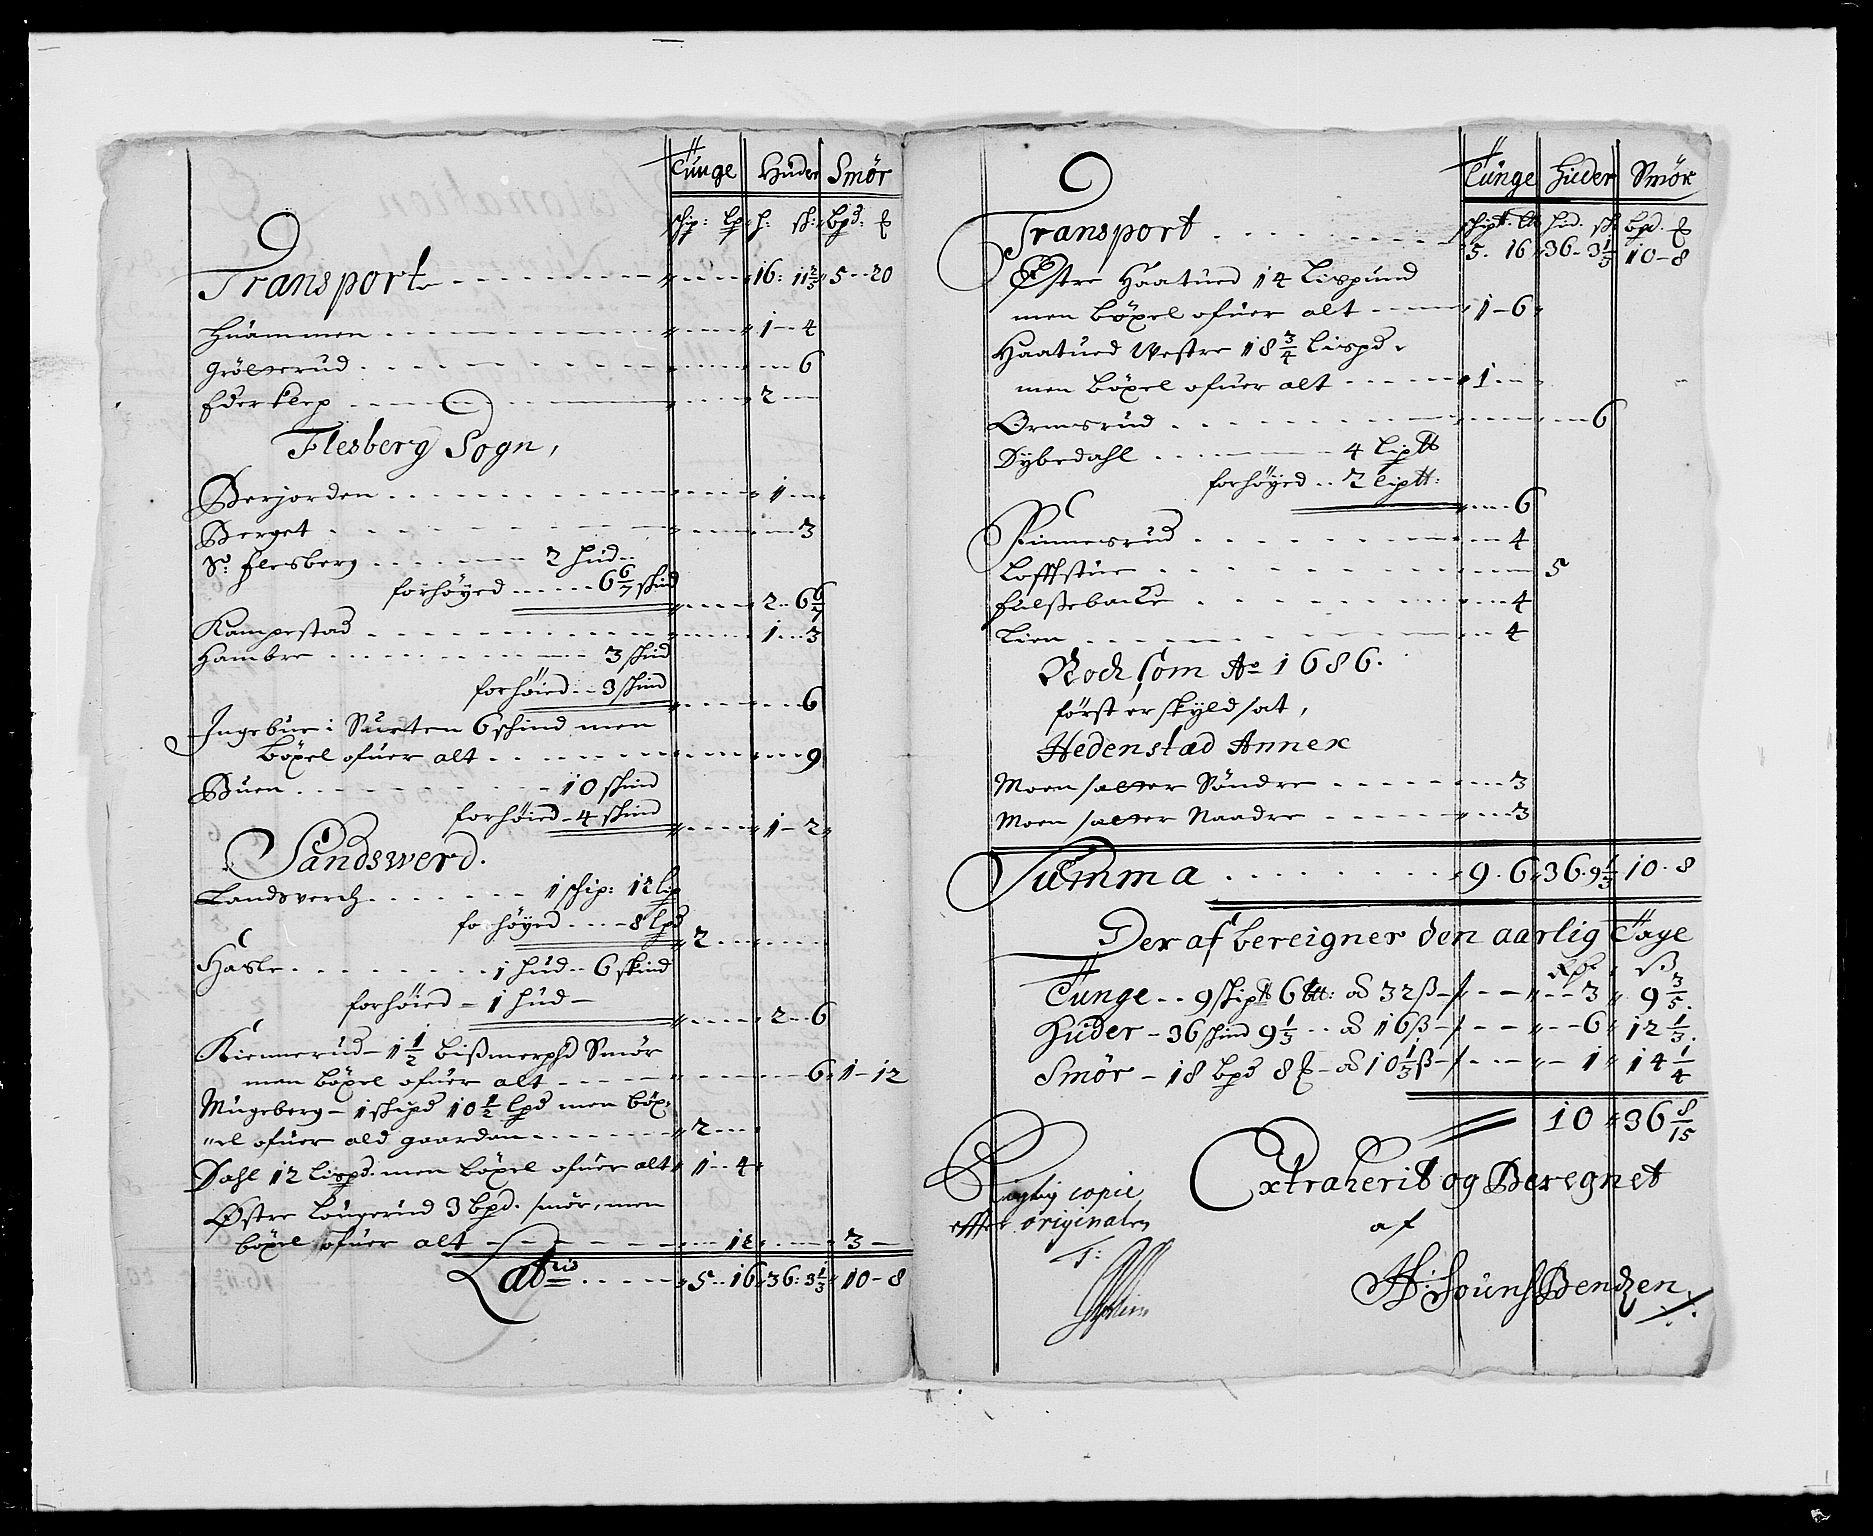 RA, Rentekammeret inntil 1814, Reviderte regnskaper, Fogderegnskap, R24/L1573: Fogderegnskap Numedal og Sandsvær, 1687-1691, s. 289